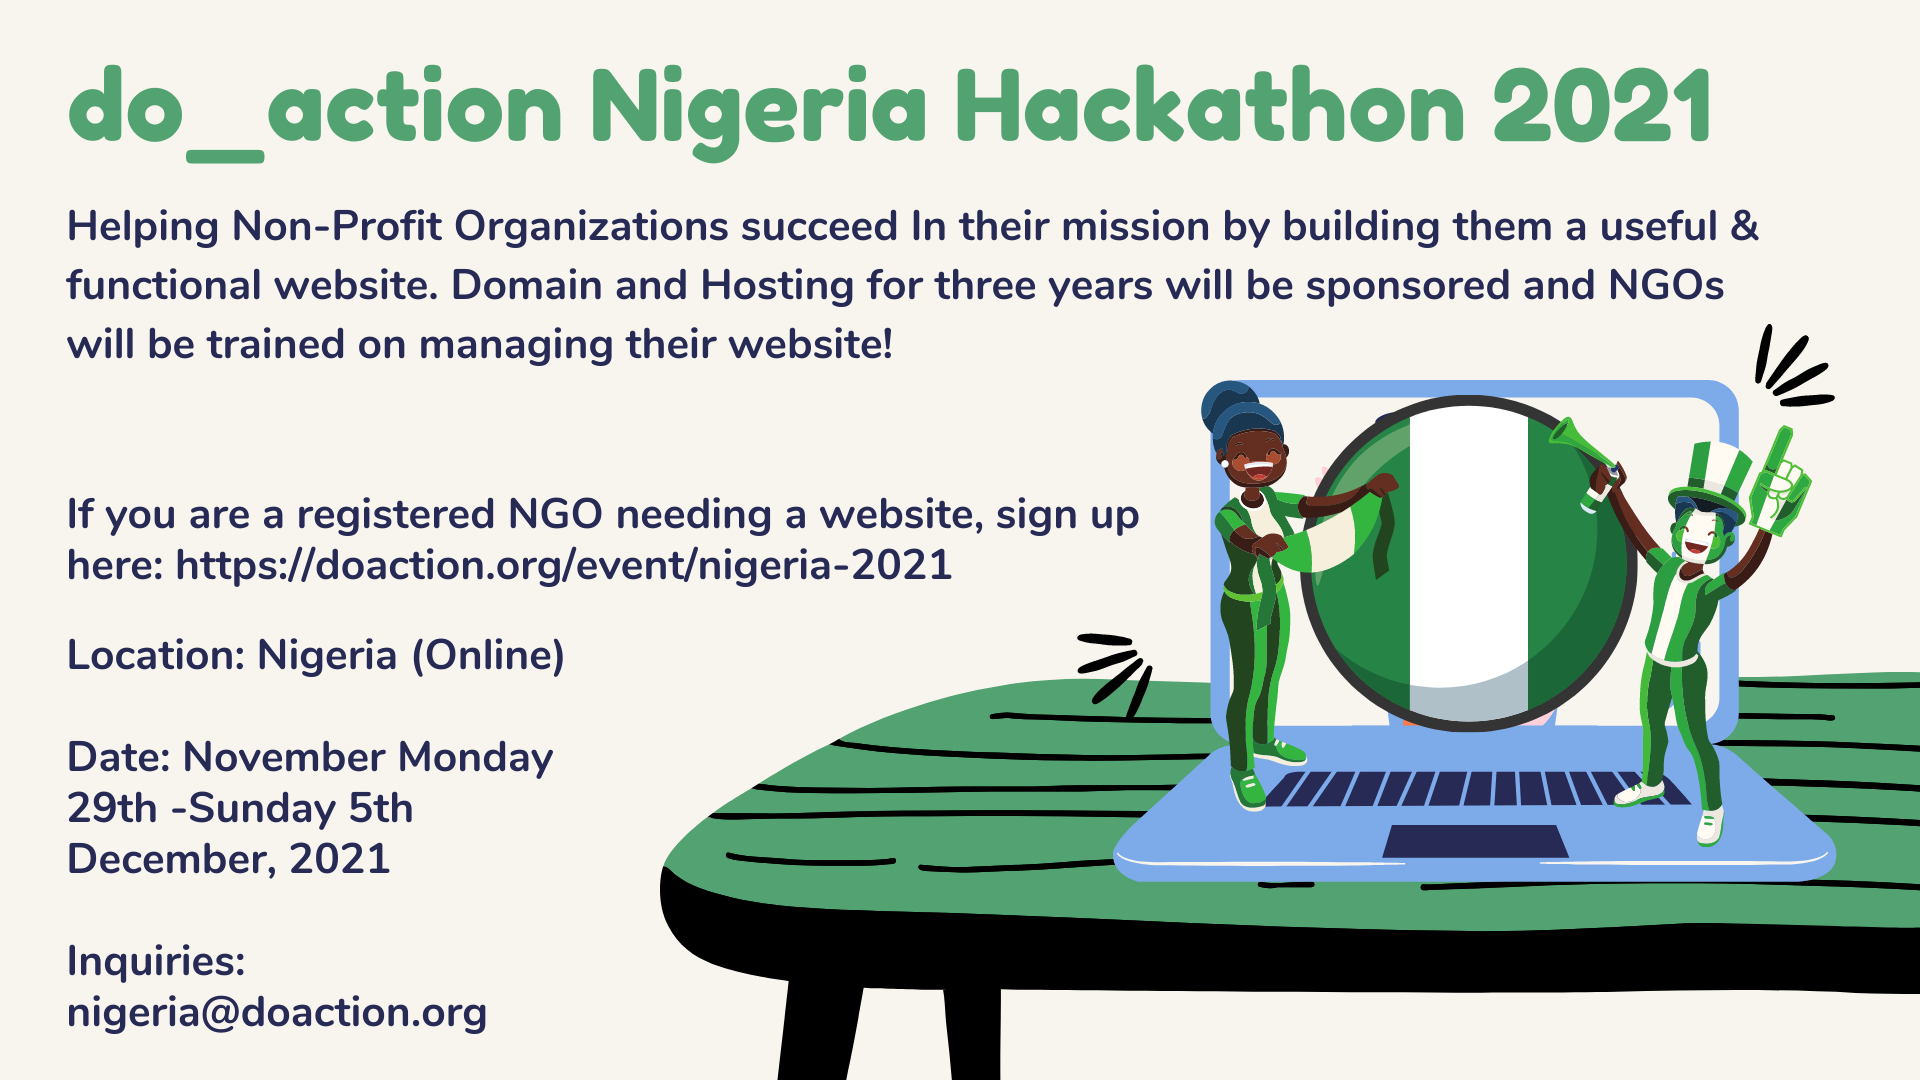 do_action Nigeria 2021